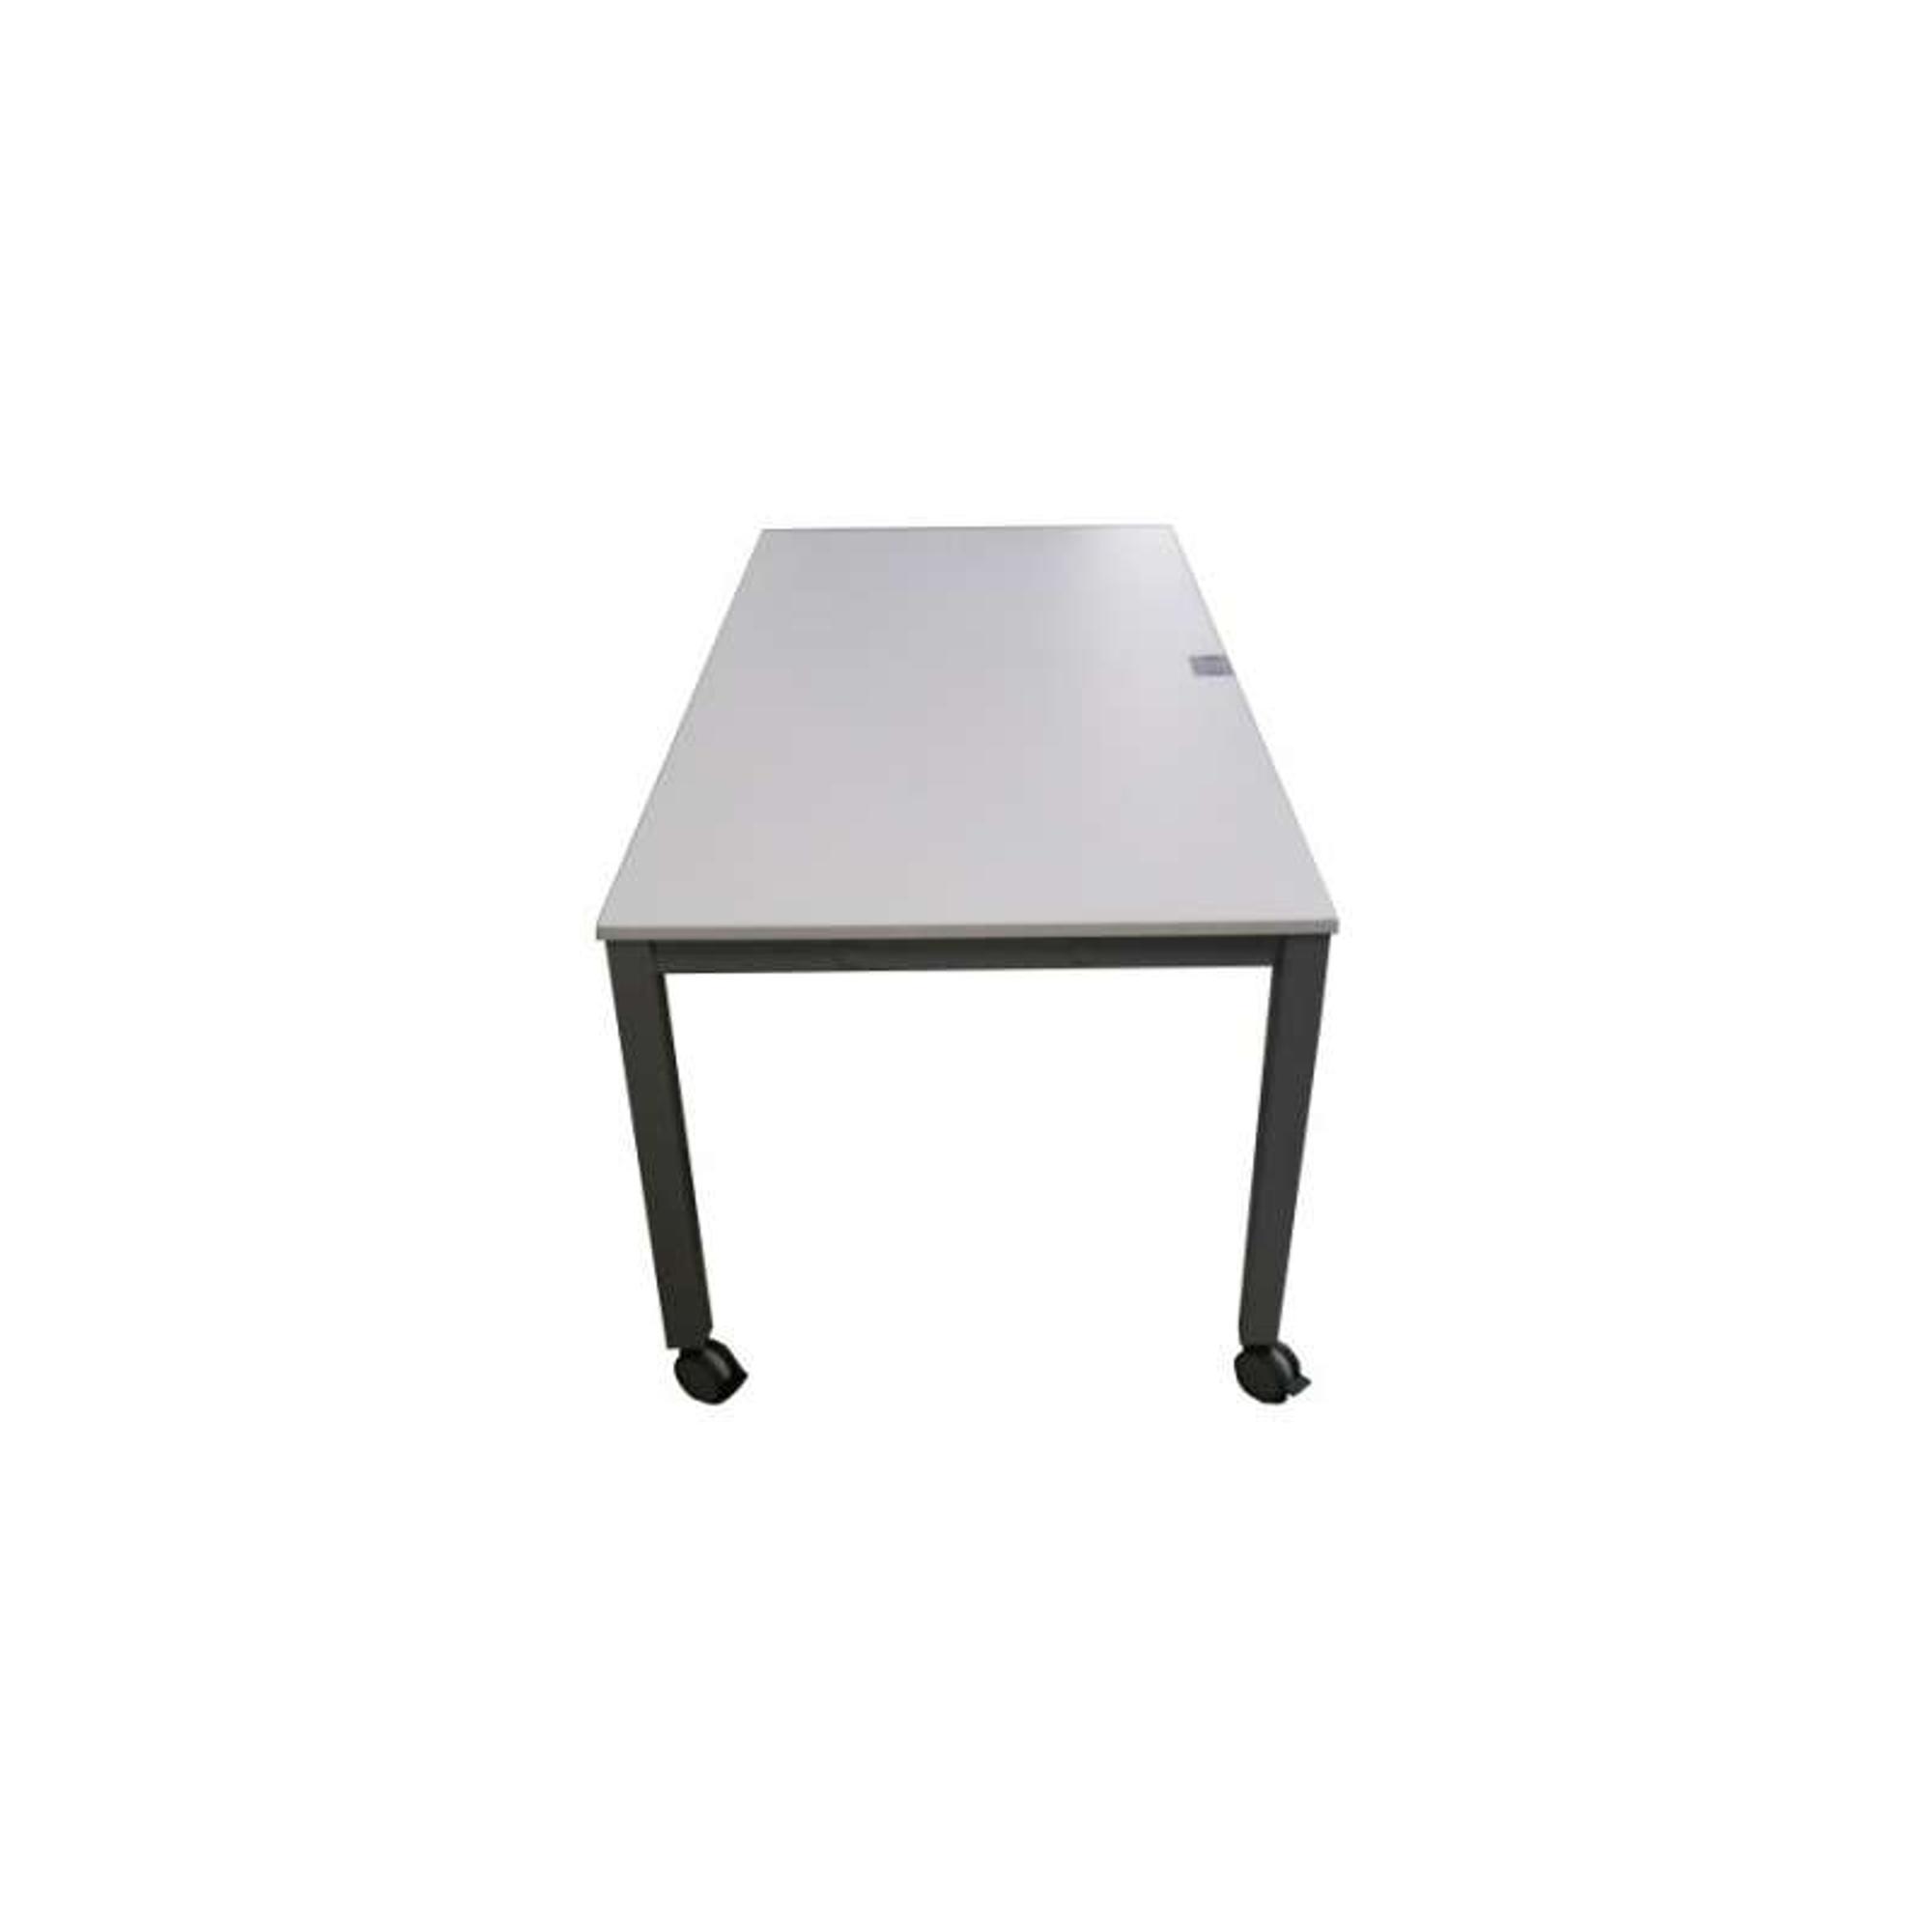 Schreibtischplatte weiß  KÖNIG & NEURATH Basic 4 Schreibtisch Platte Weiß 160x80cm auf Rollen ...